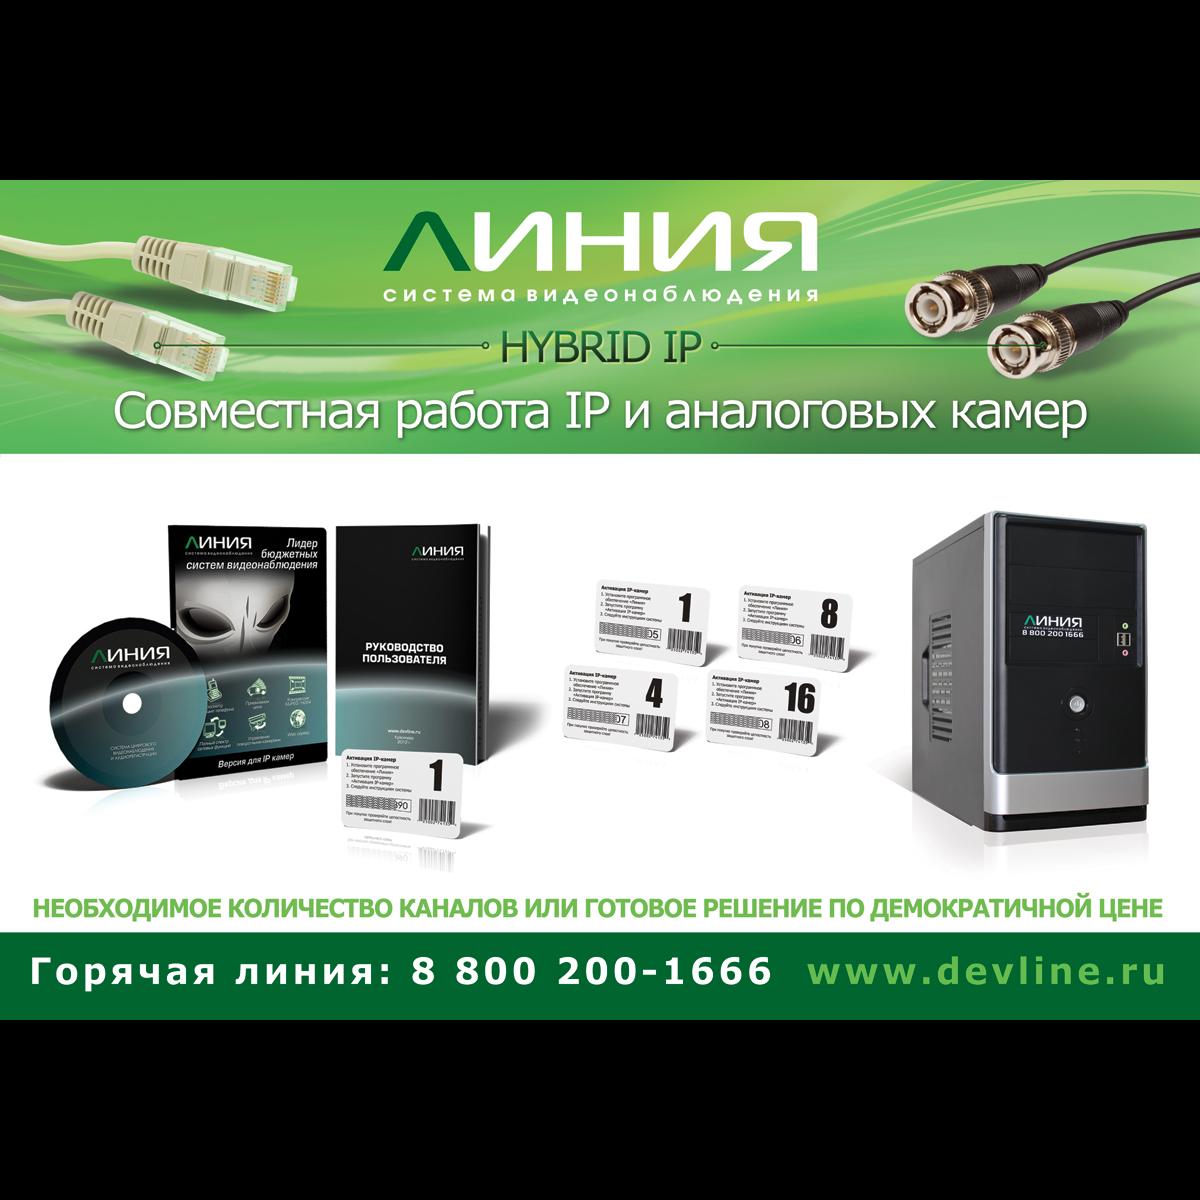 Коробочная версия лицензии Линия IP 8 для подключения 8 IP-видеокамер. Количество каналов: видео - 8, аудио - 8, до 25 к/с на канал.